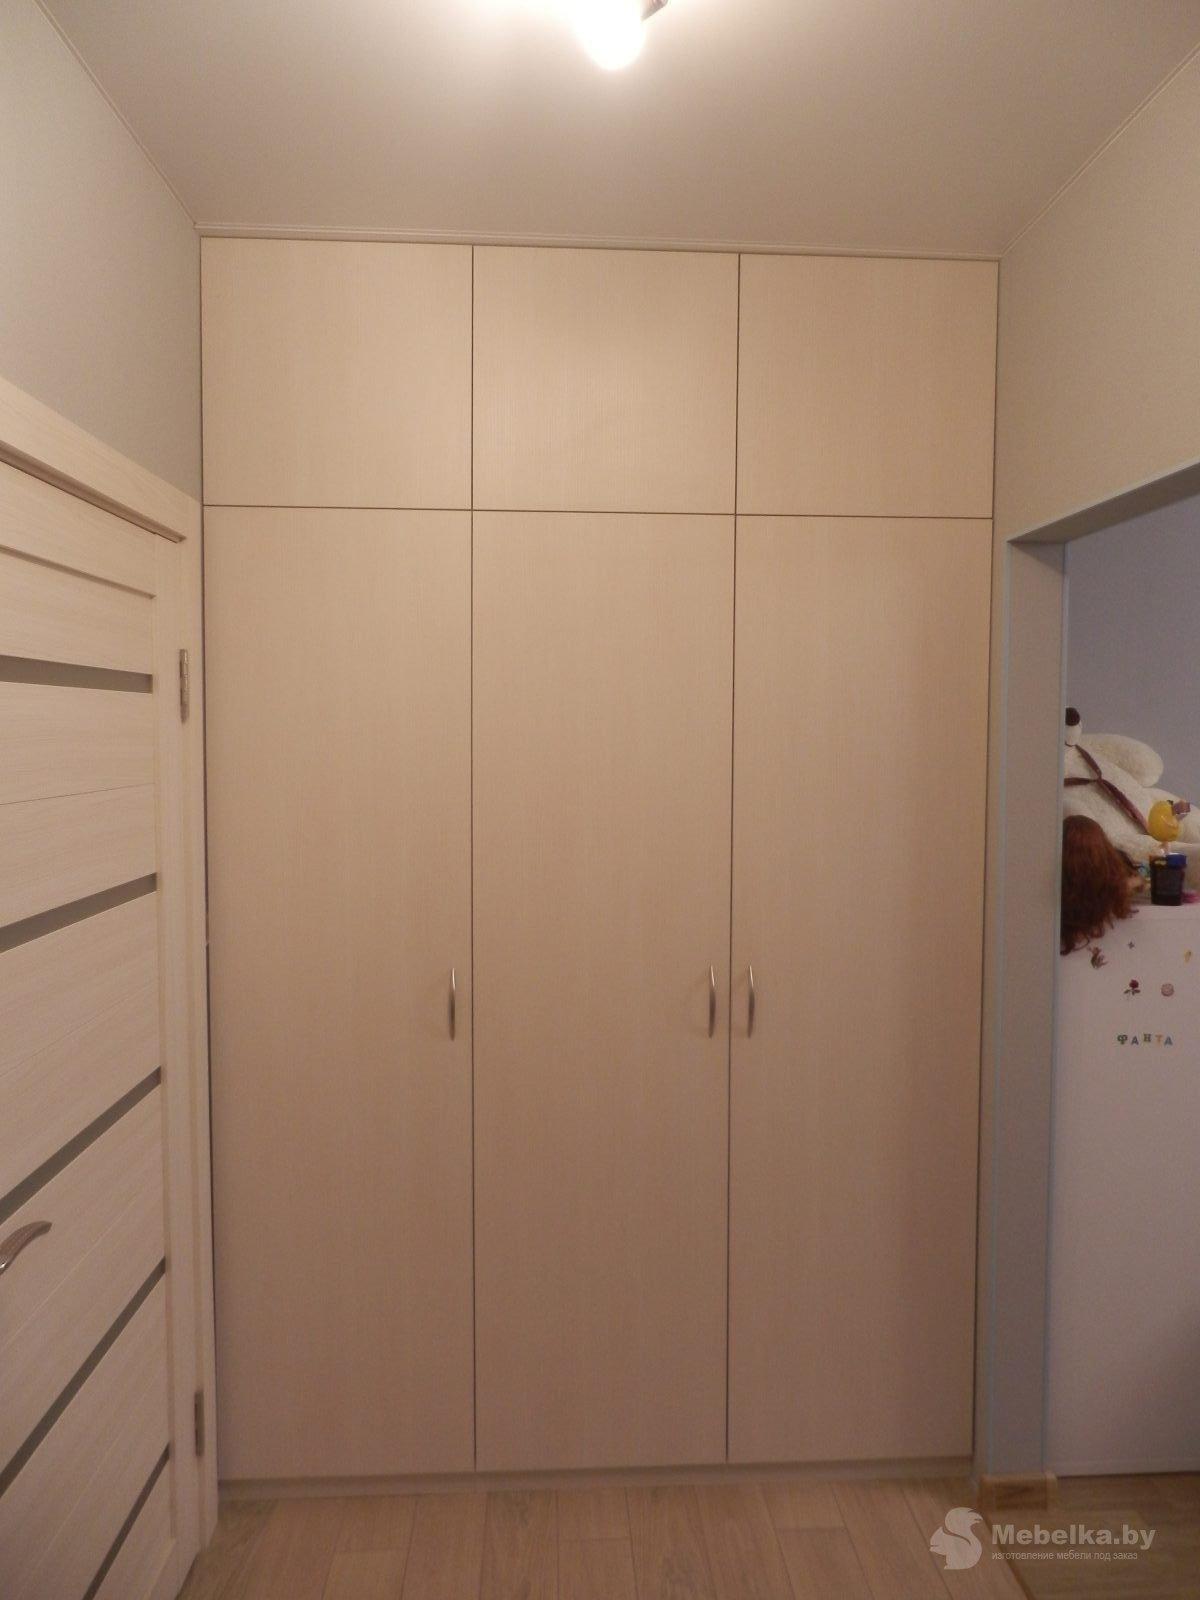 Трехстворчатый шкаф в прихожую вид 1